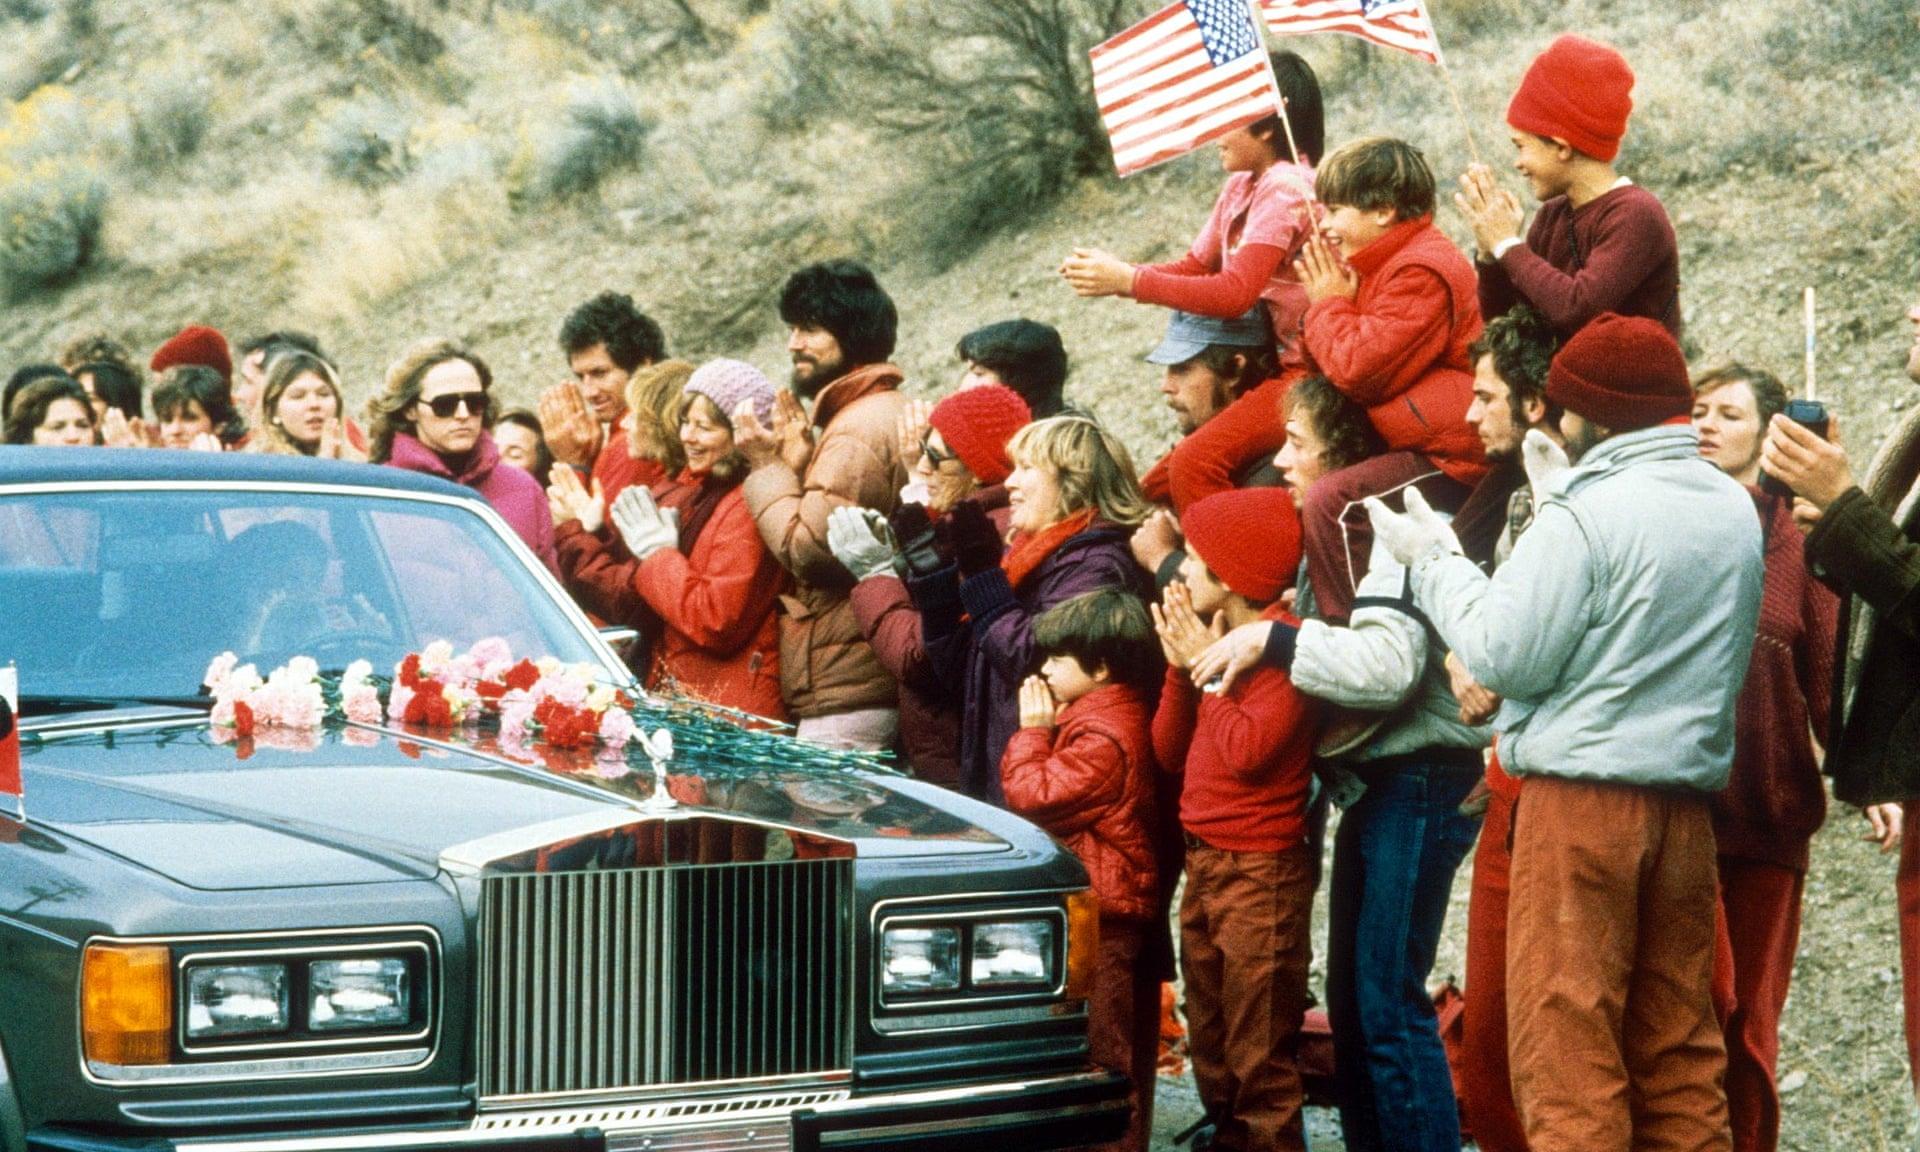 استقبال پیروان راجنیش از او در لحظه ورودش به ایالت اورگن سوار بر رولزرویس